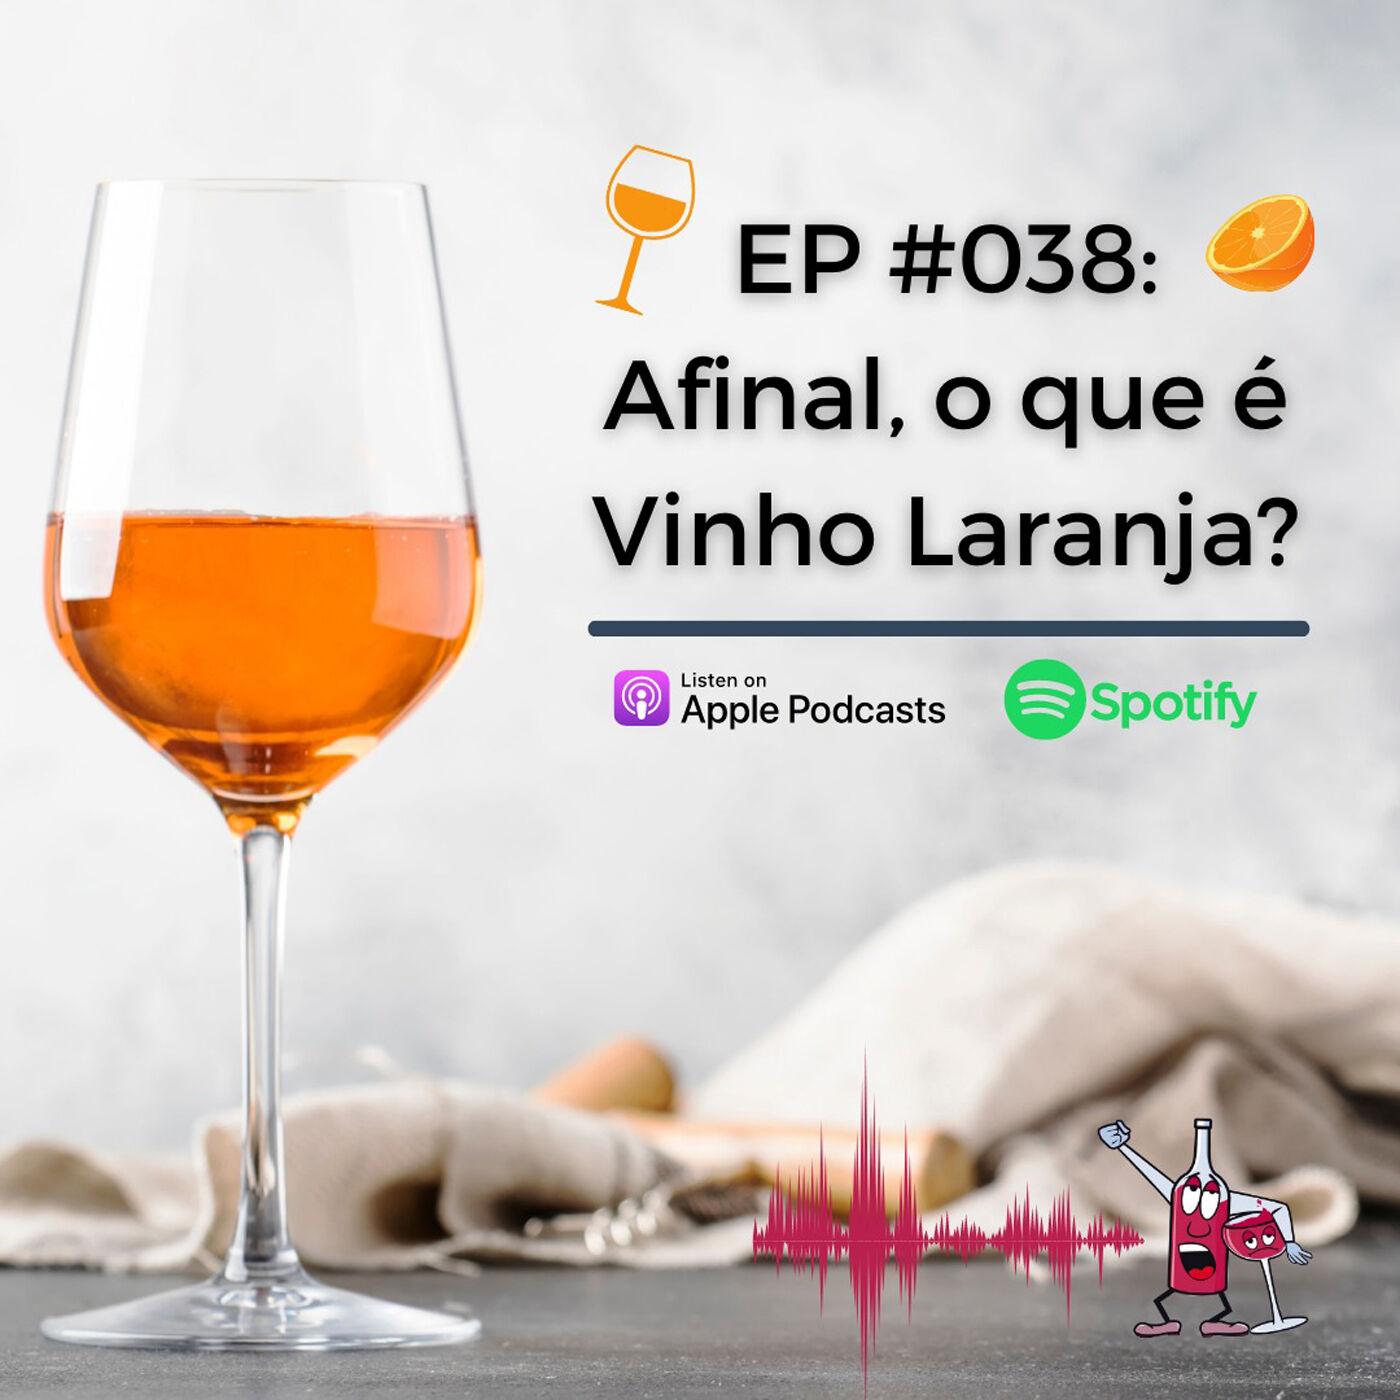 EP #038 - Afinal, o que é o Vinho Laranja?